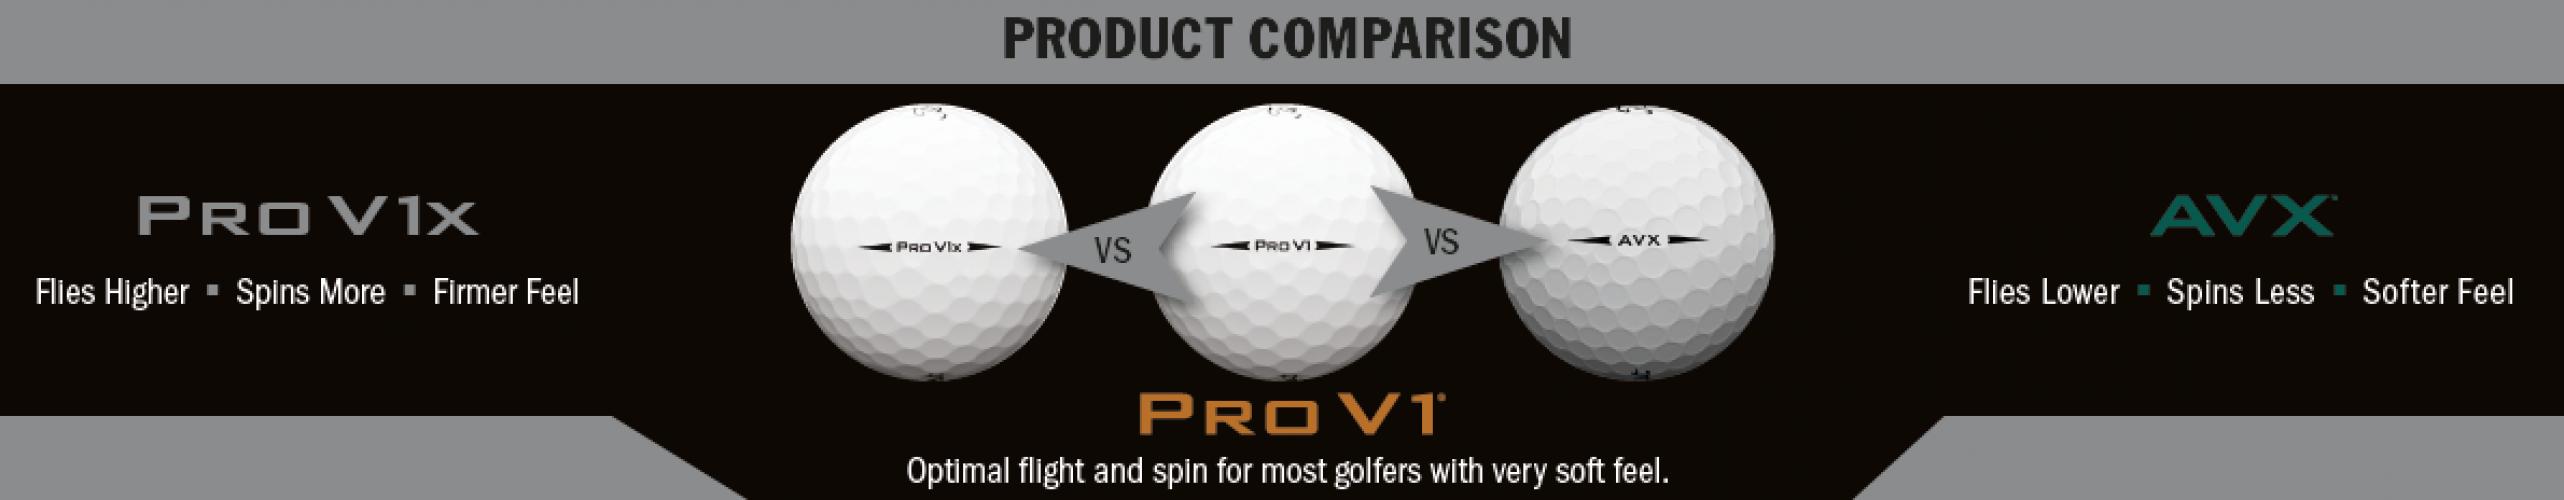 Titleist vergelijking Pro V1 - Pro V1x - AVX